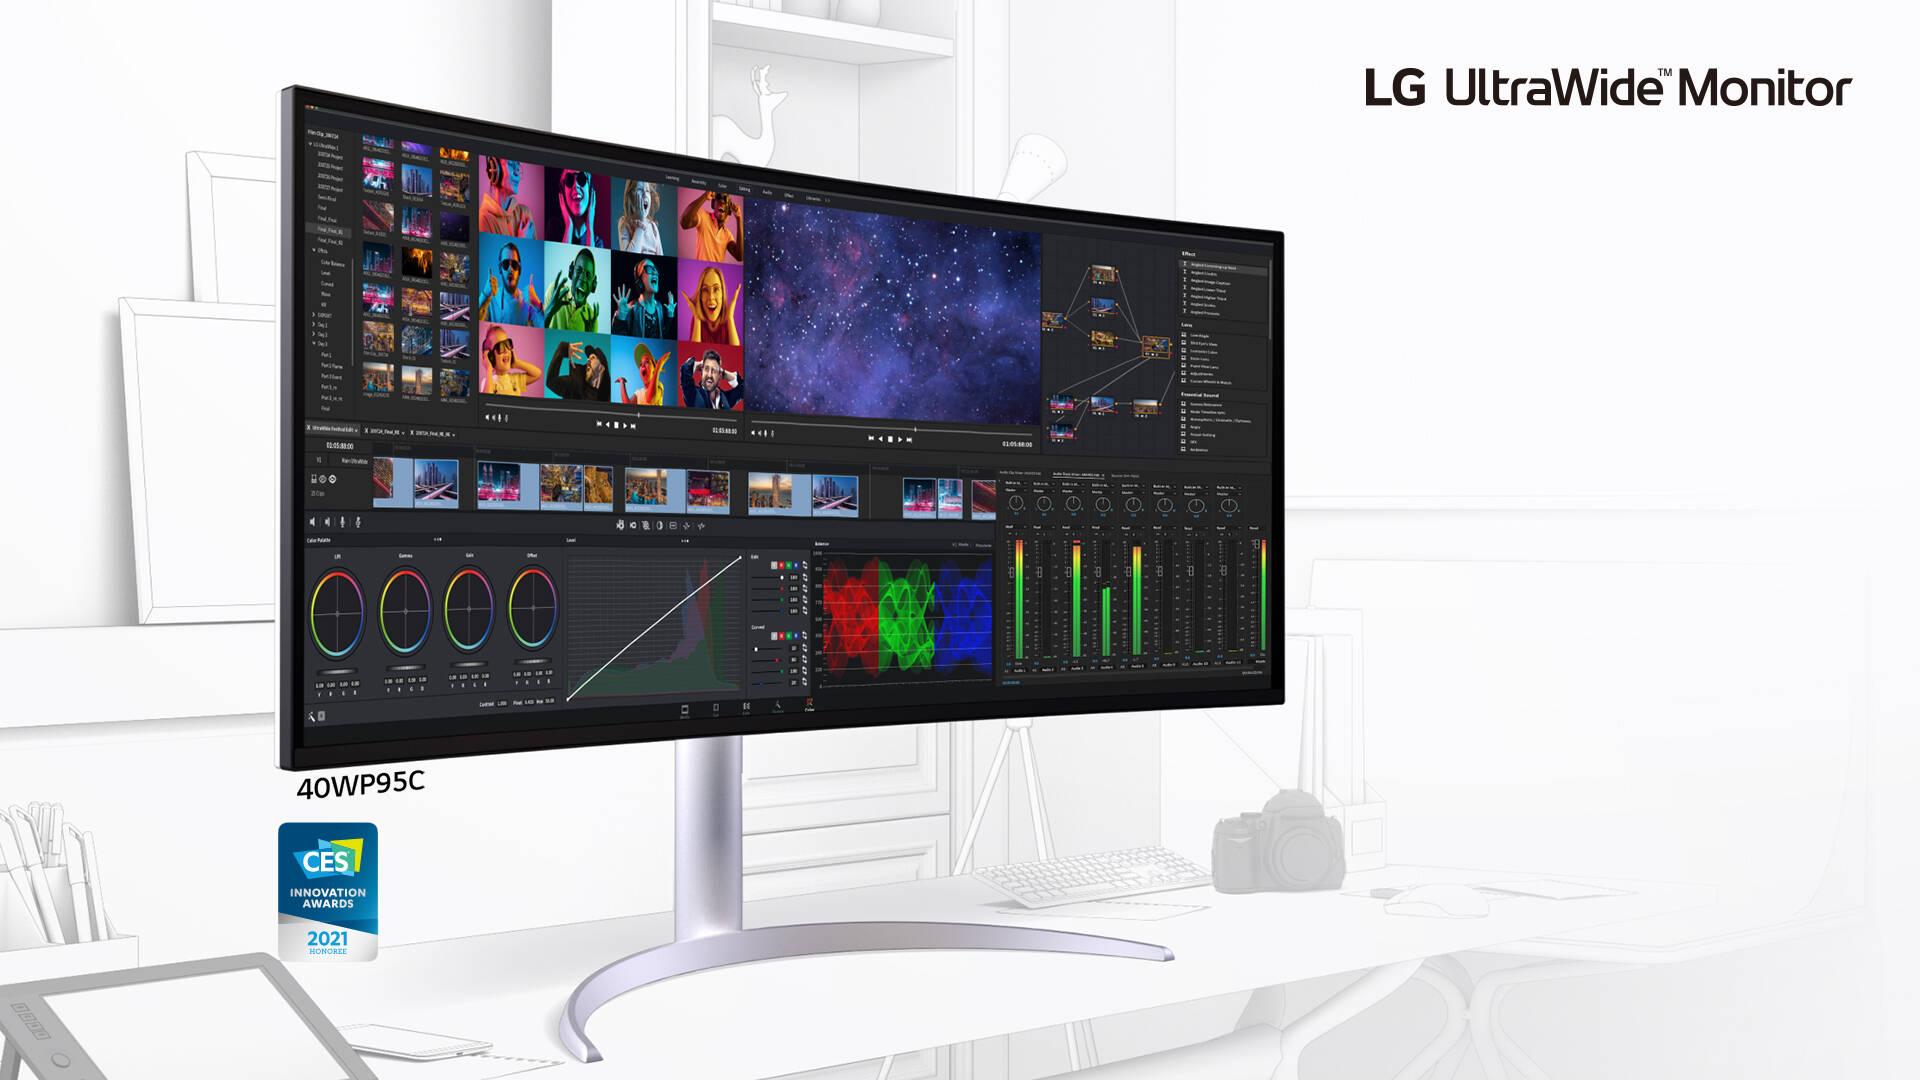 LG 40WP95C